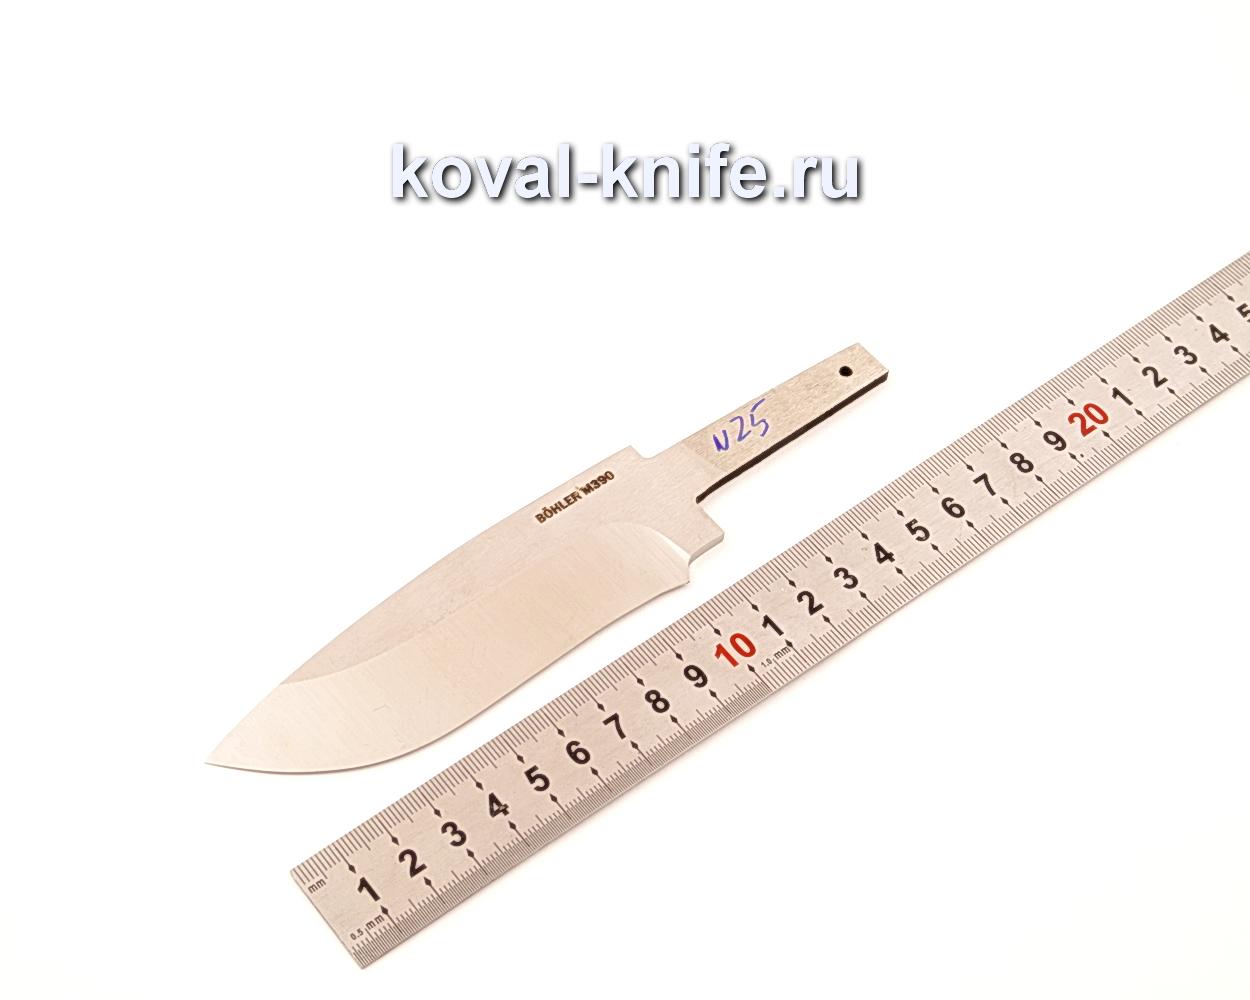 Клинок для ножа из порошковой стали Bohler M390 N25